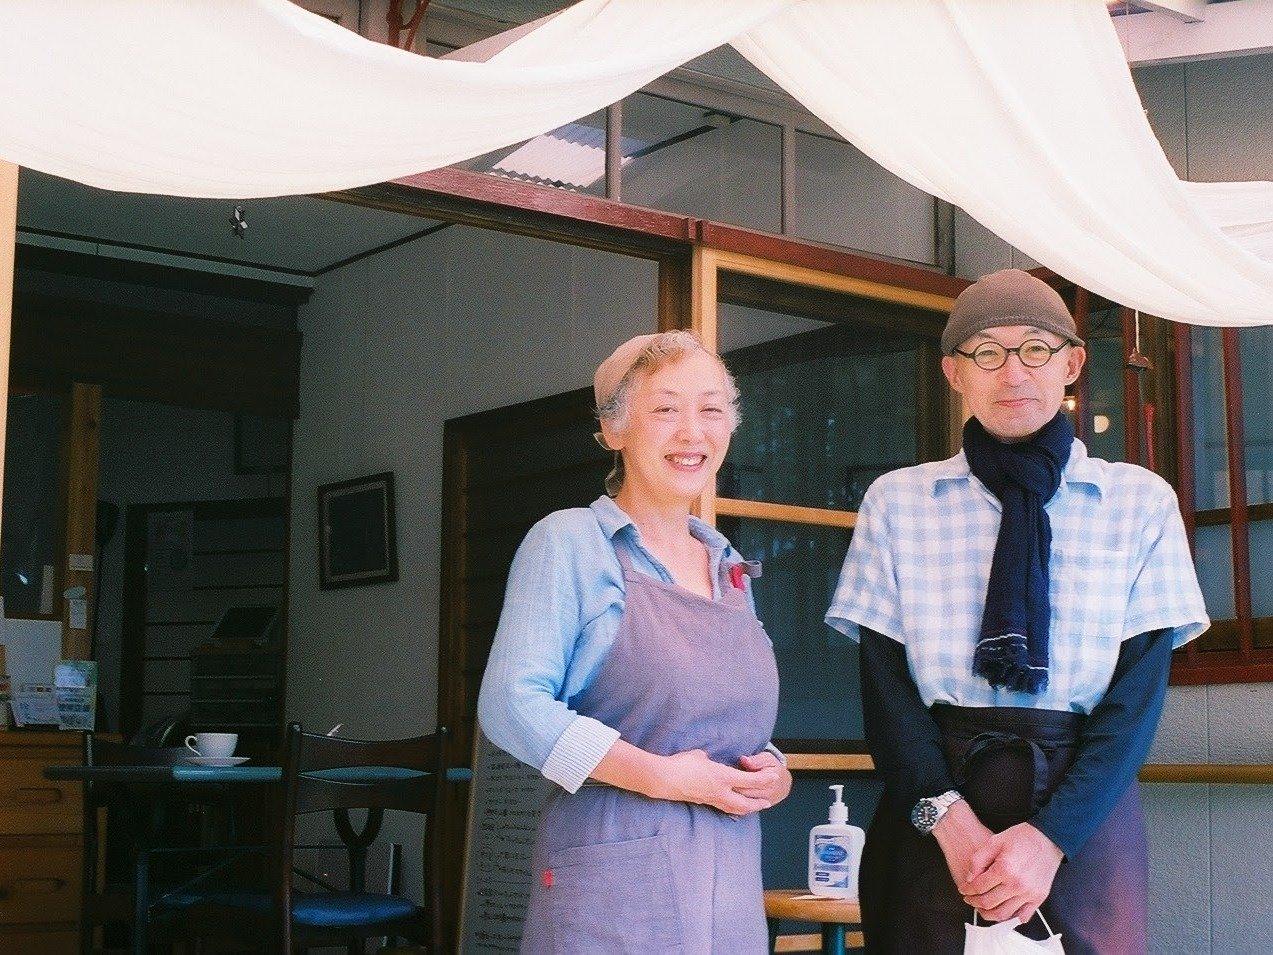 坂の町へ移住した夫婦が営む古民家カフェ「燈家」ができるまで